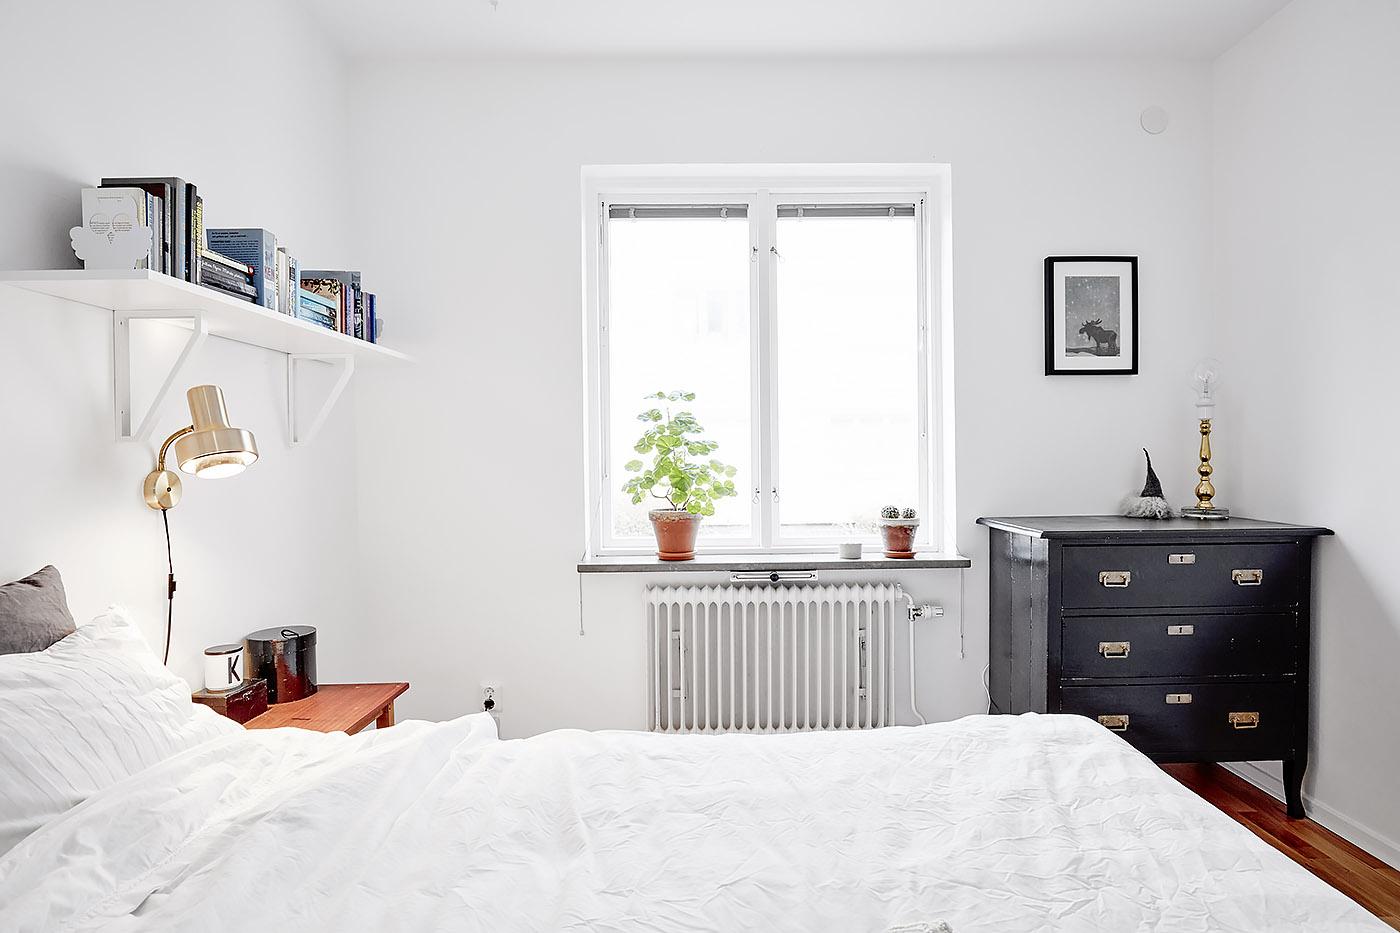 Habitaciones juveniles de estilo n rdico blog tienda for Decoracion estilo nordico